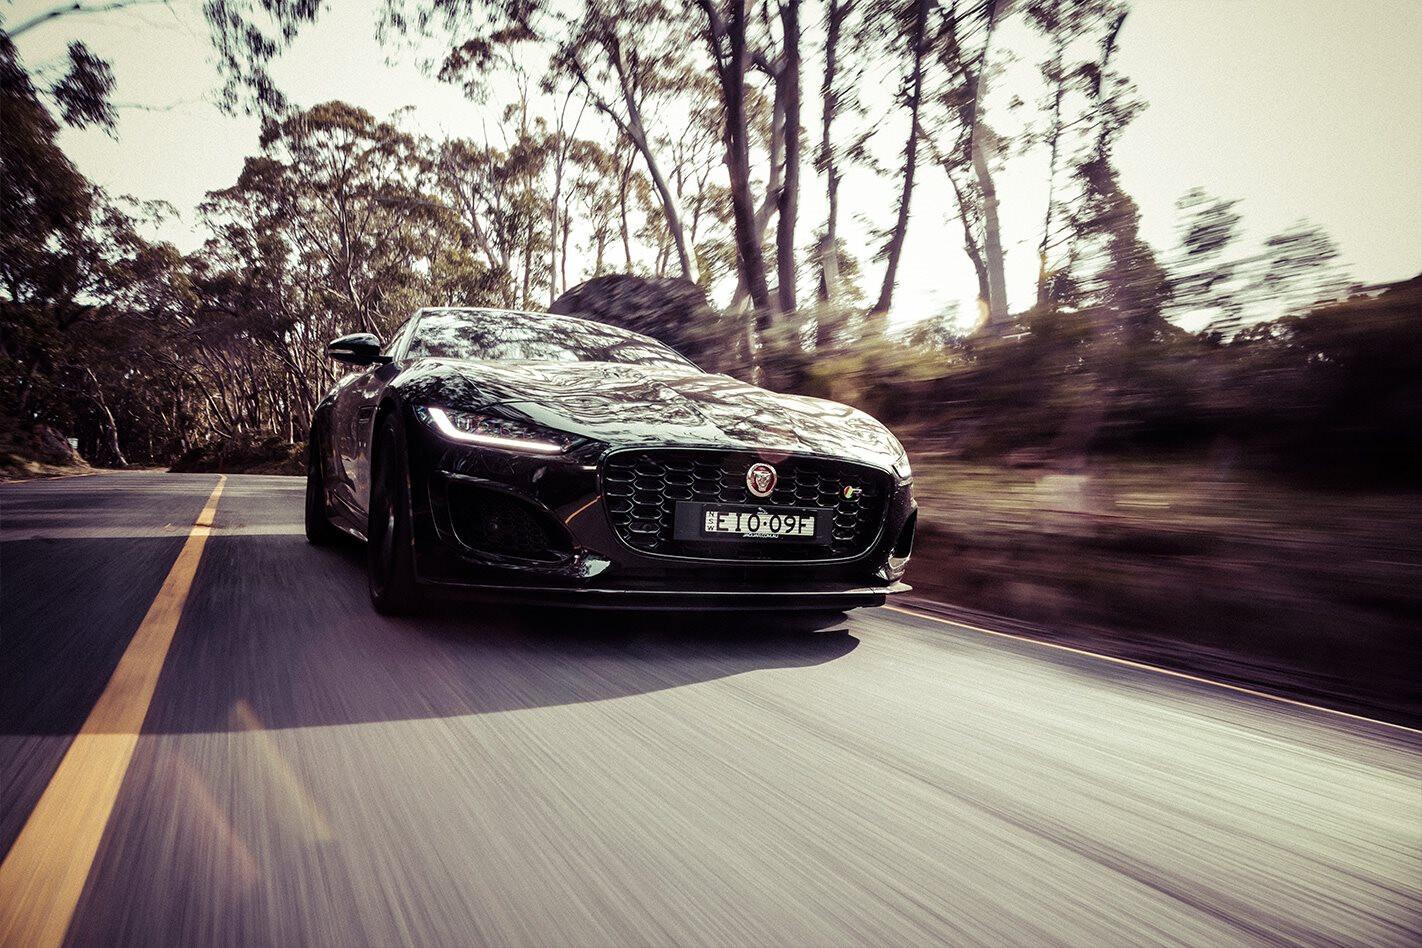 Car V Road Jaguar F Type Cover MAIN Jpg